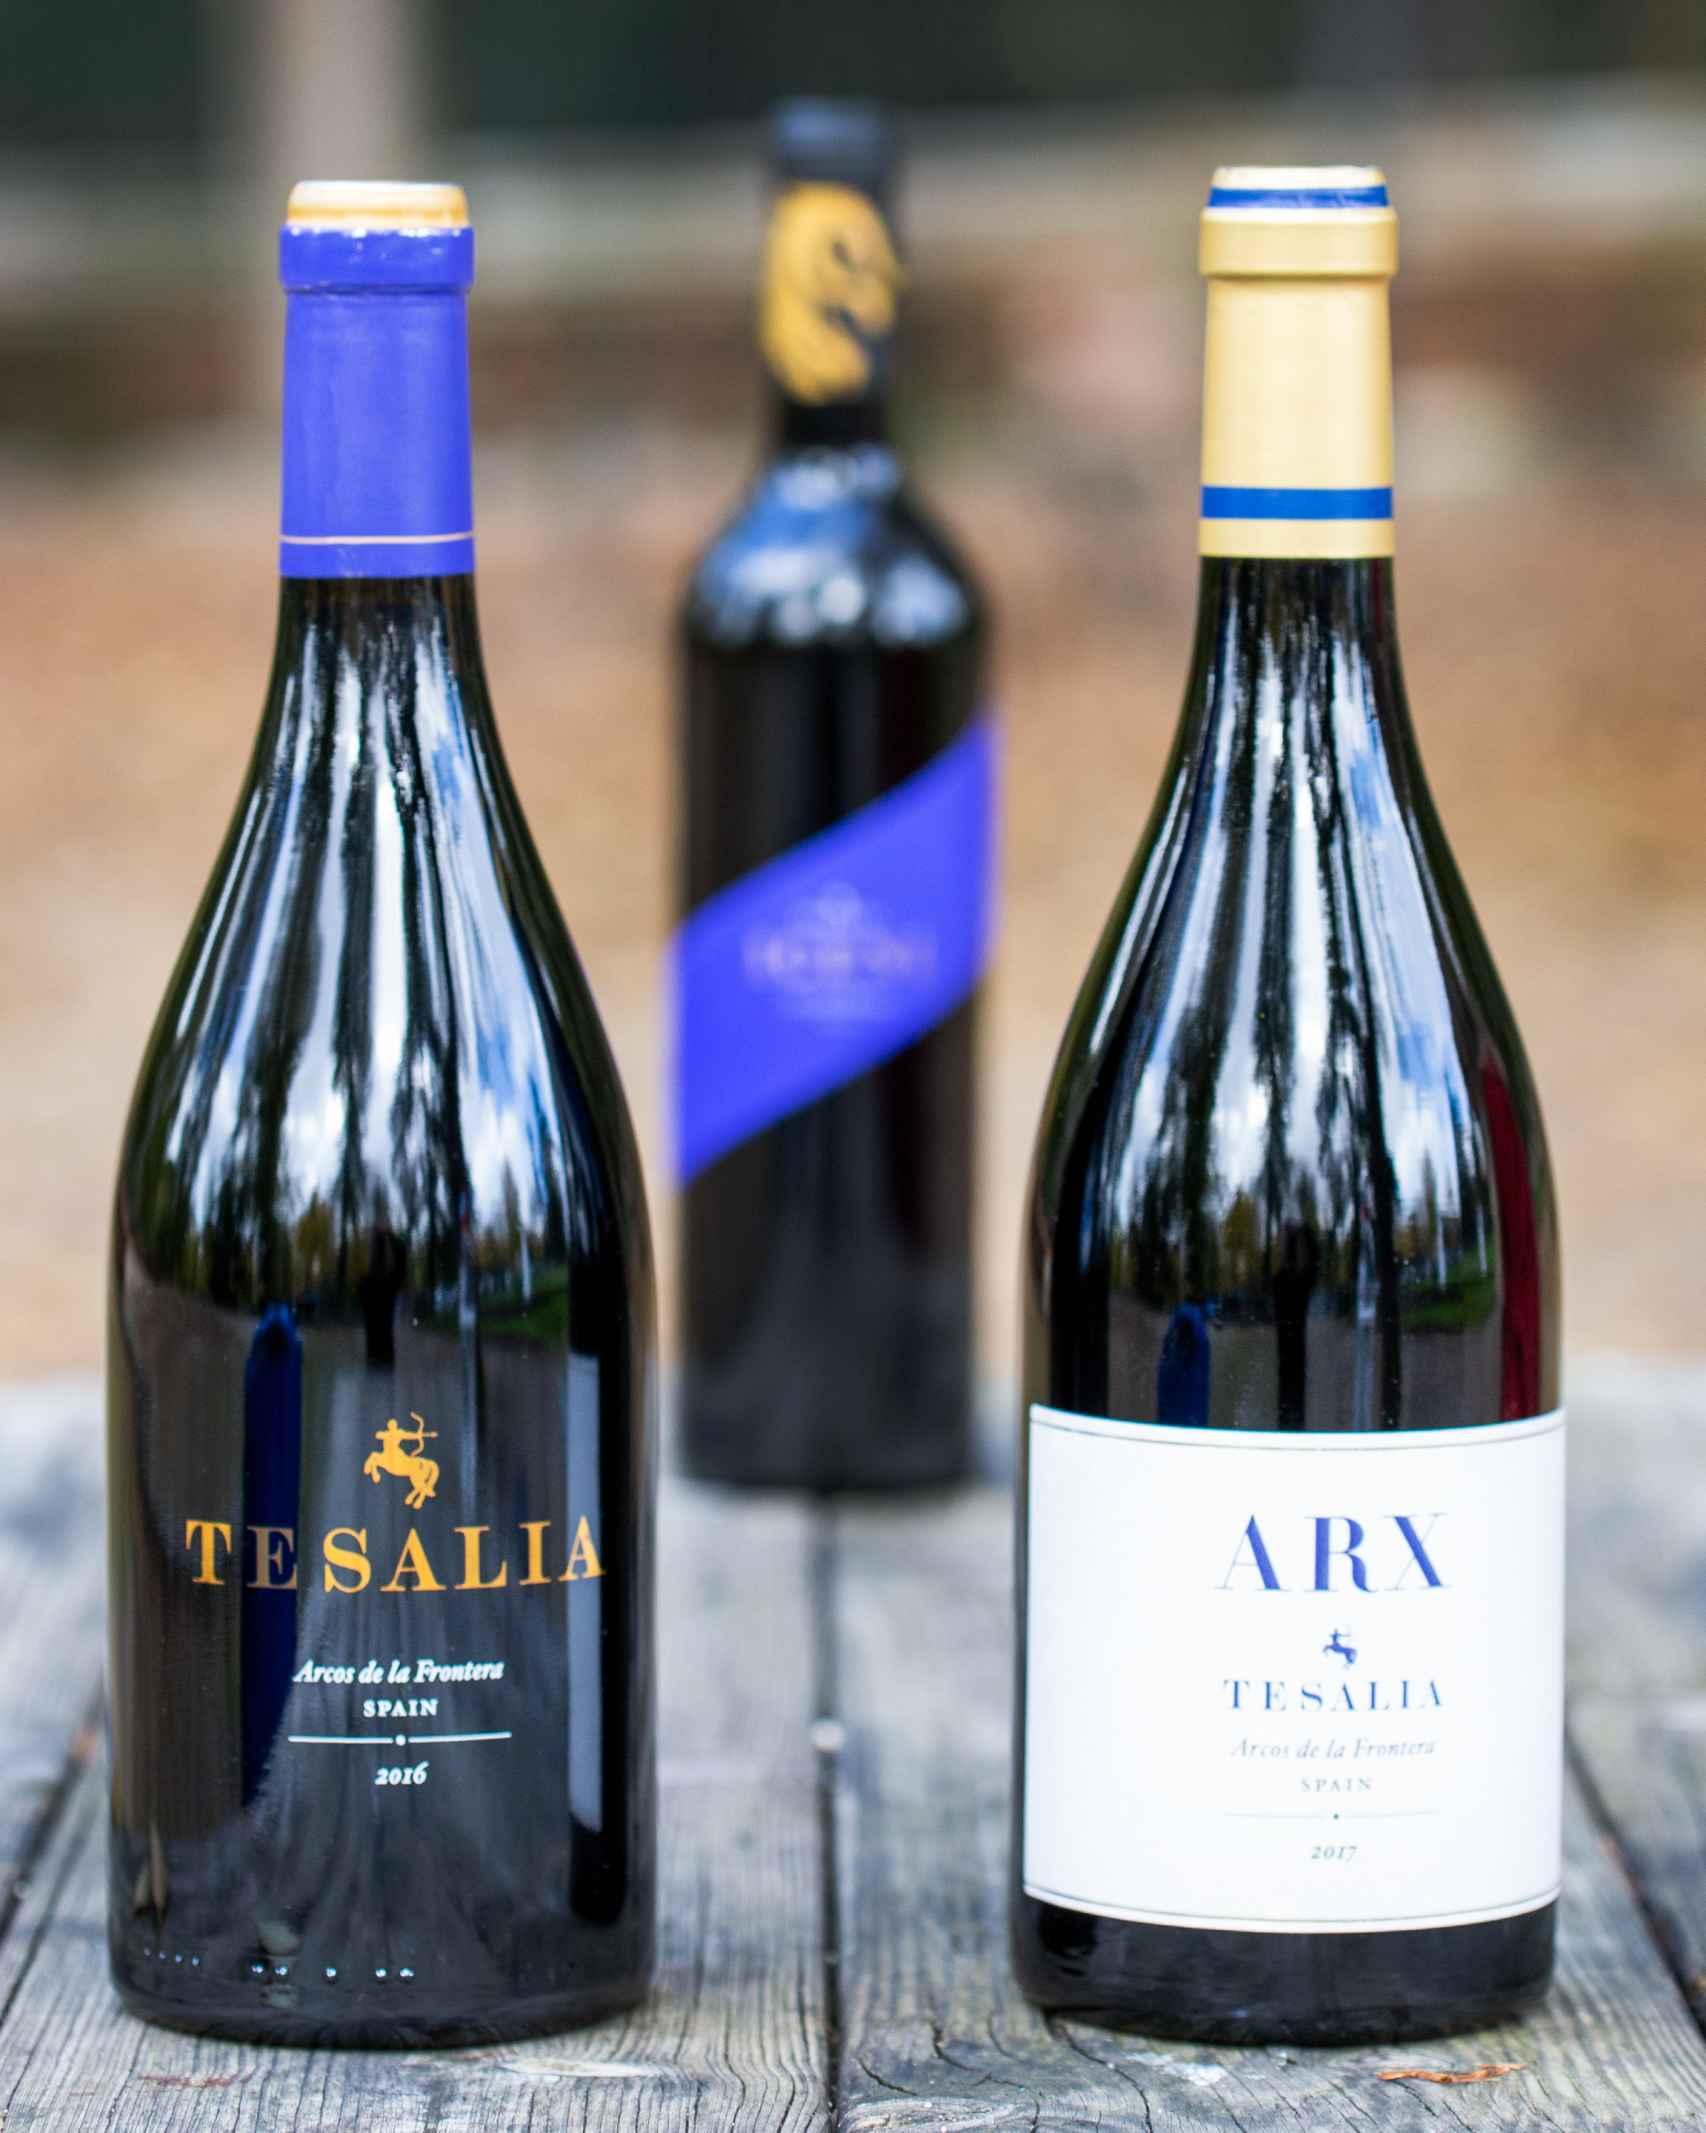 Los vinos de Bodegas Tesalia, tres tintos para tres momentos.